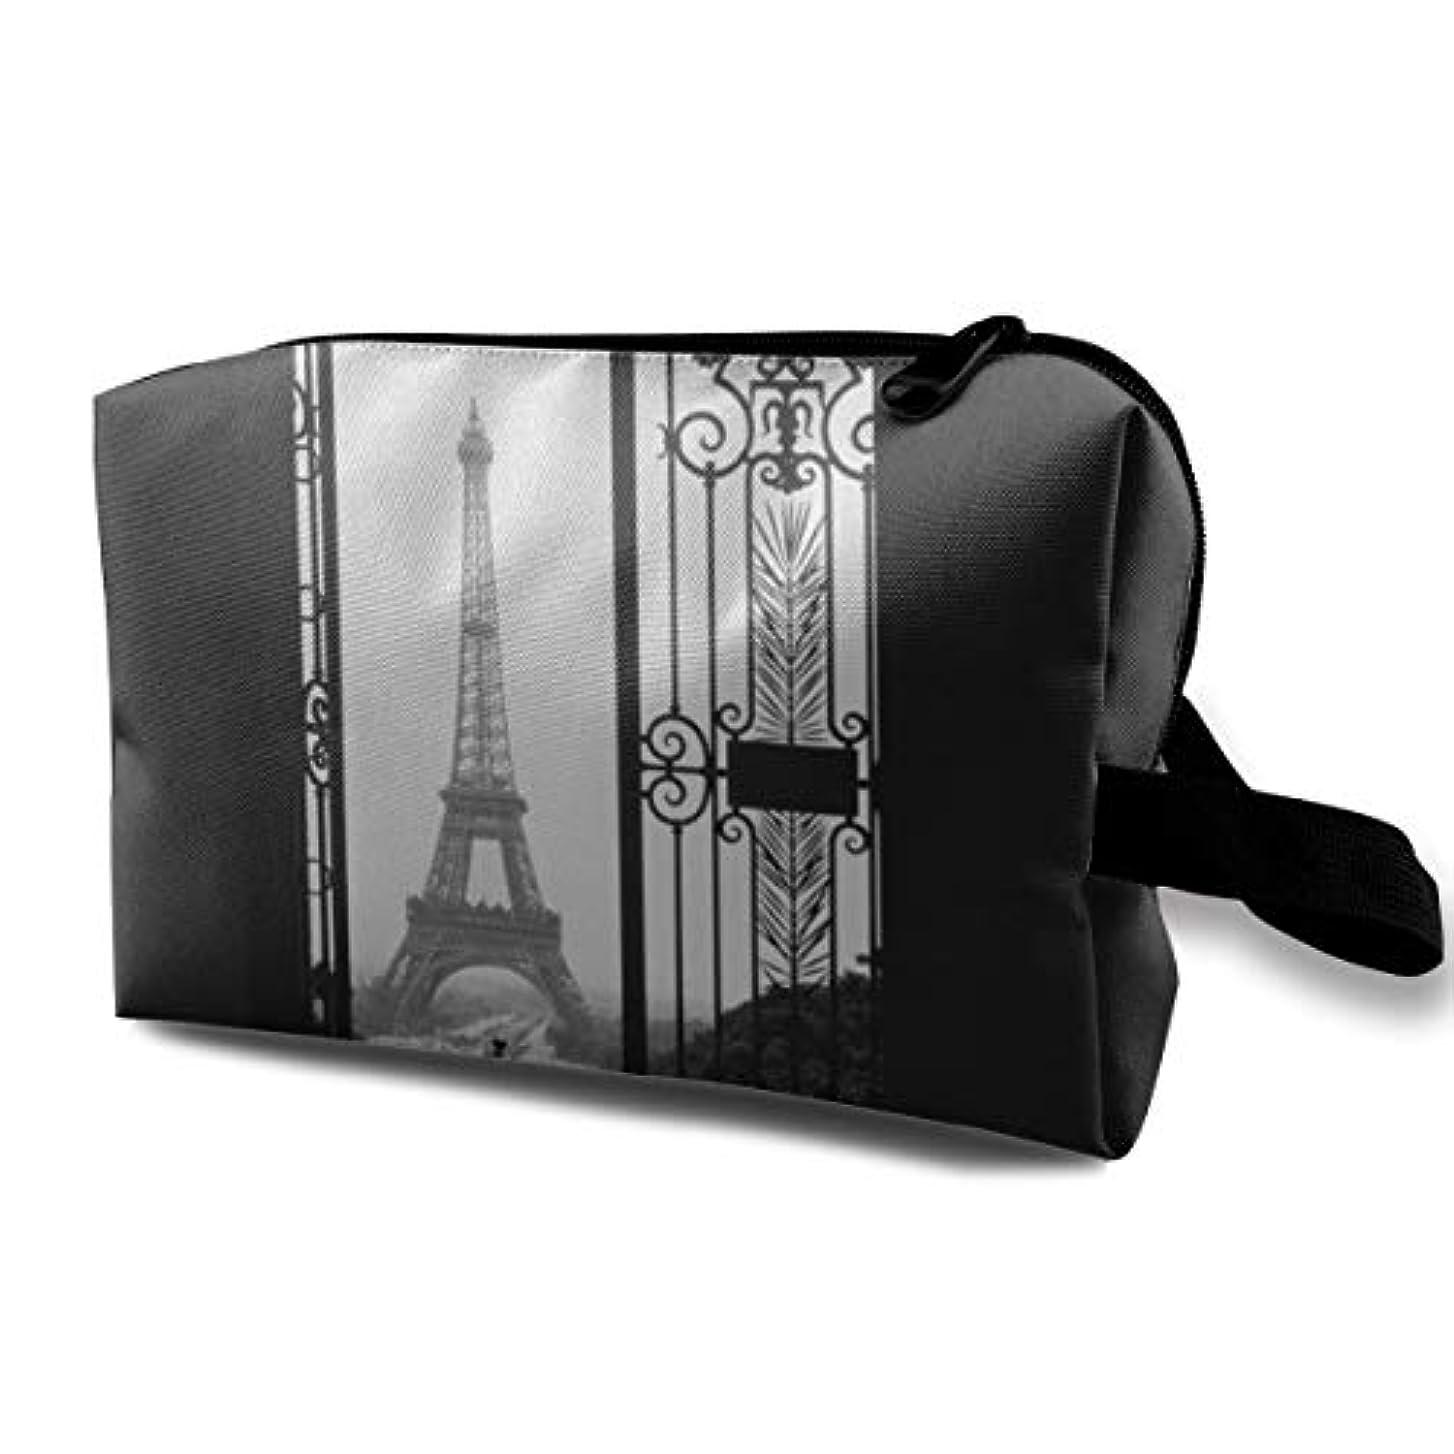 のために同志守るEiffel Tower In Paris 収納ポーチ 化粧ポーチ 大容量 軽量 耐久性 ハンドル付持ち運び便利。入れ 自宅・出張・旅行・アウトドア撮影などに対応。メンズ レディース トラベルグッズ